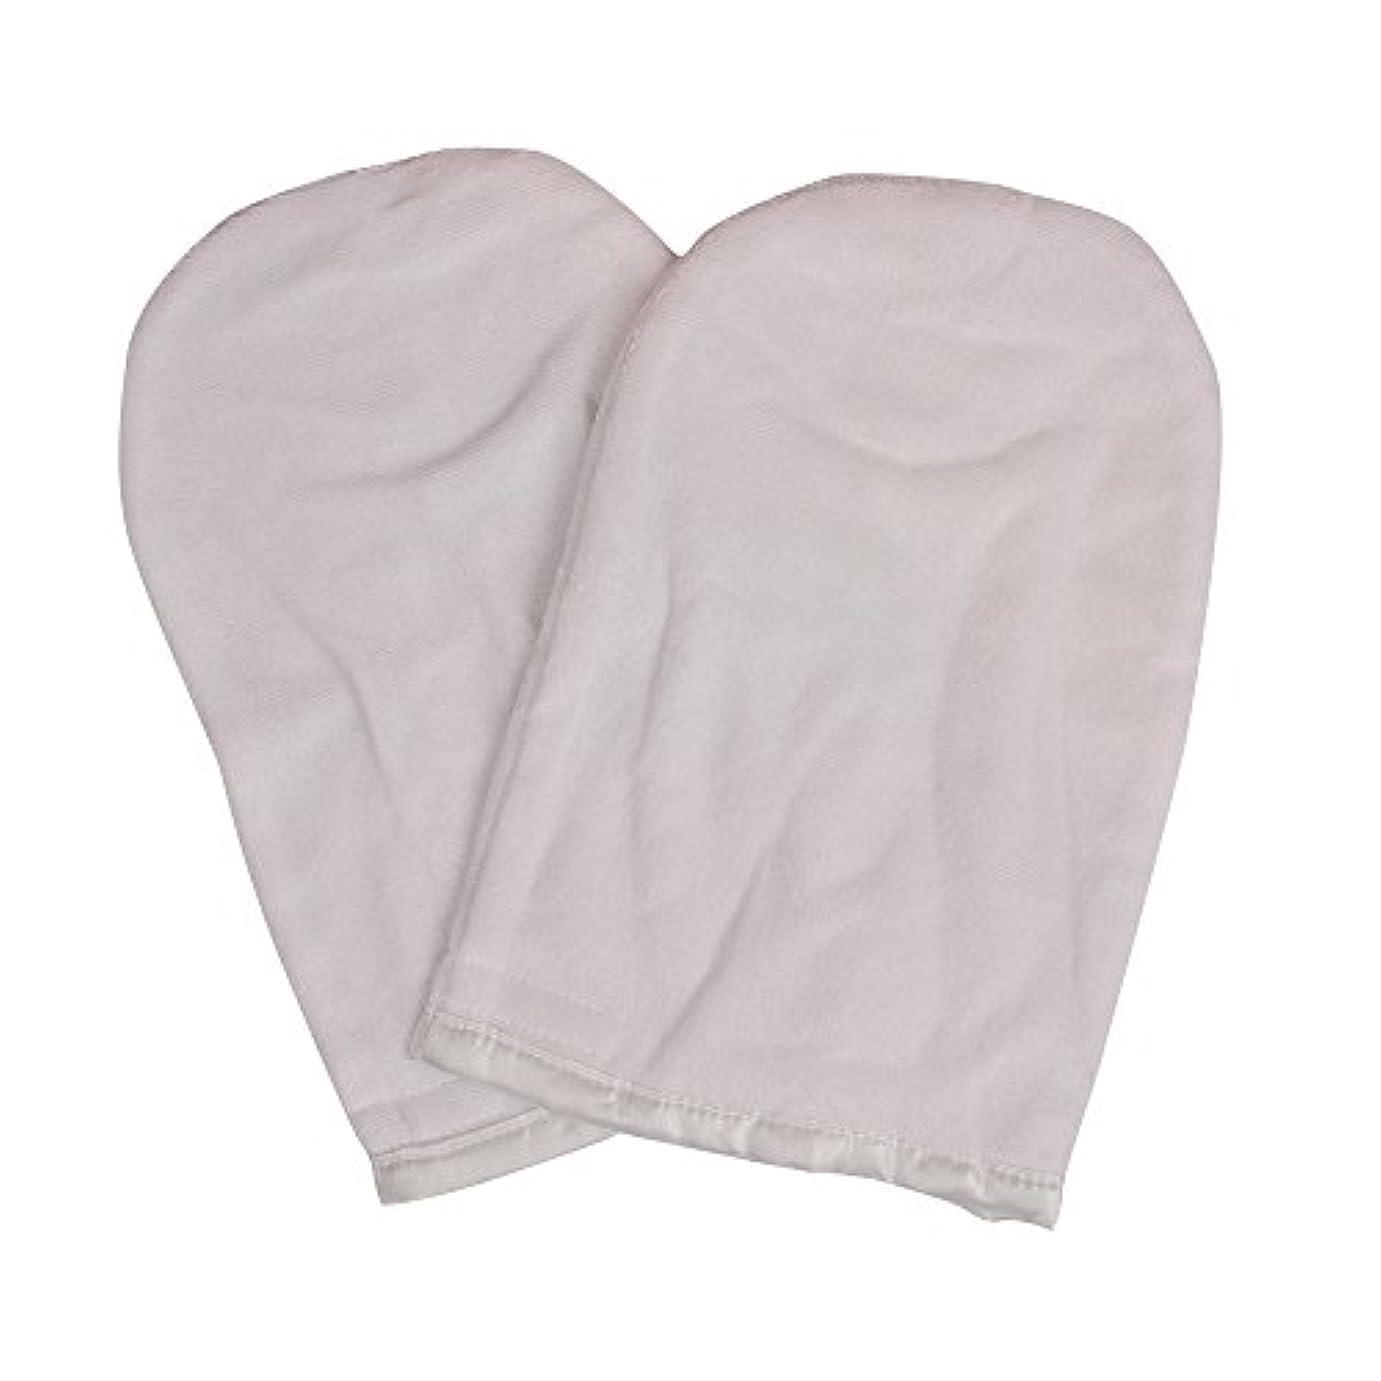 少数後方見物人パラフィン用ハンドグローブ 全2色 (ホワイト) パラフィンパック パラフィン ハンド グローブ (ハンド用)